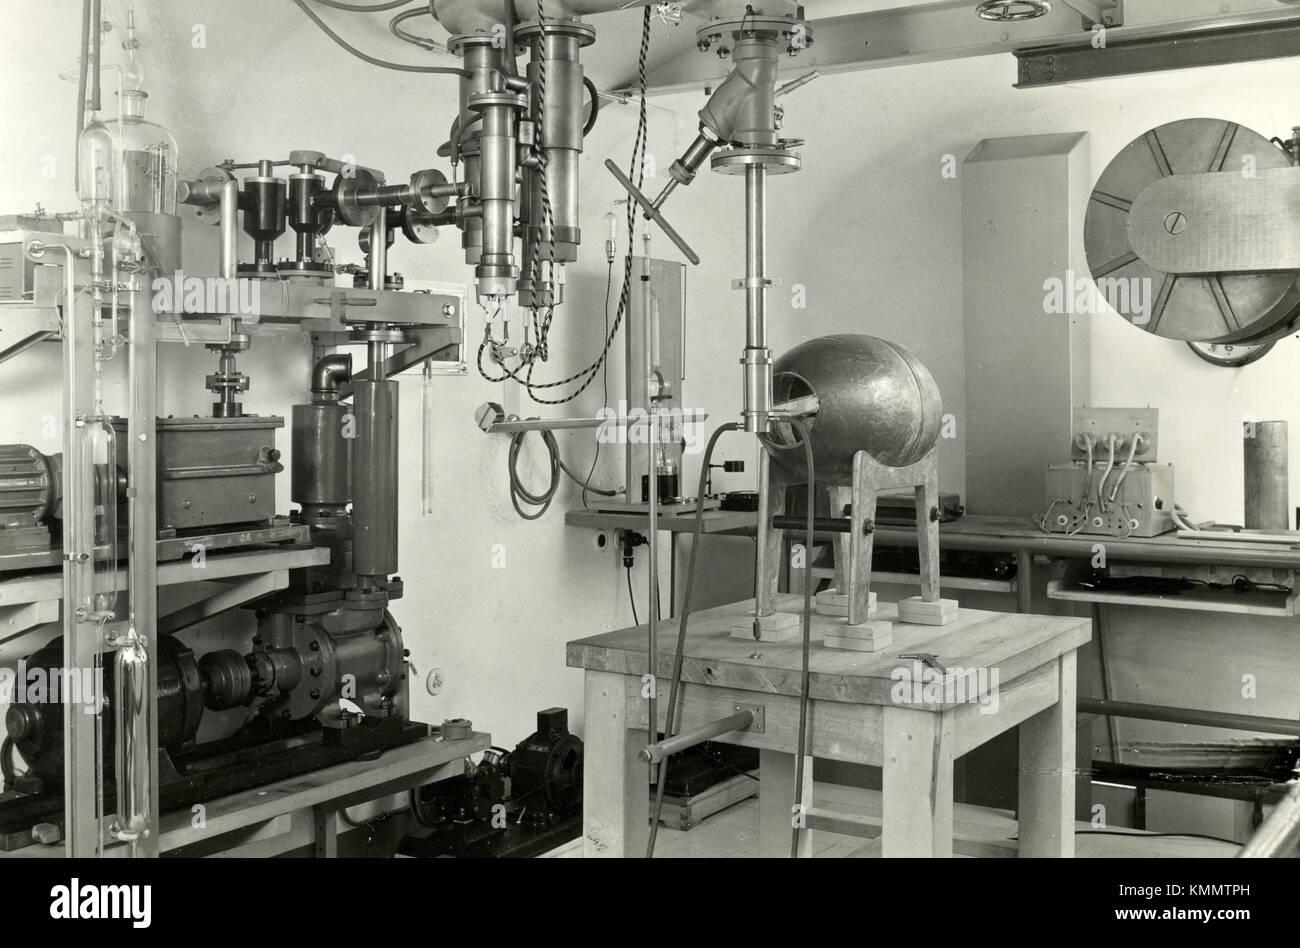 Scientific laboratory, Italy 1930s - Stock Image